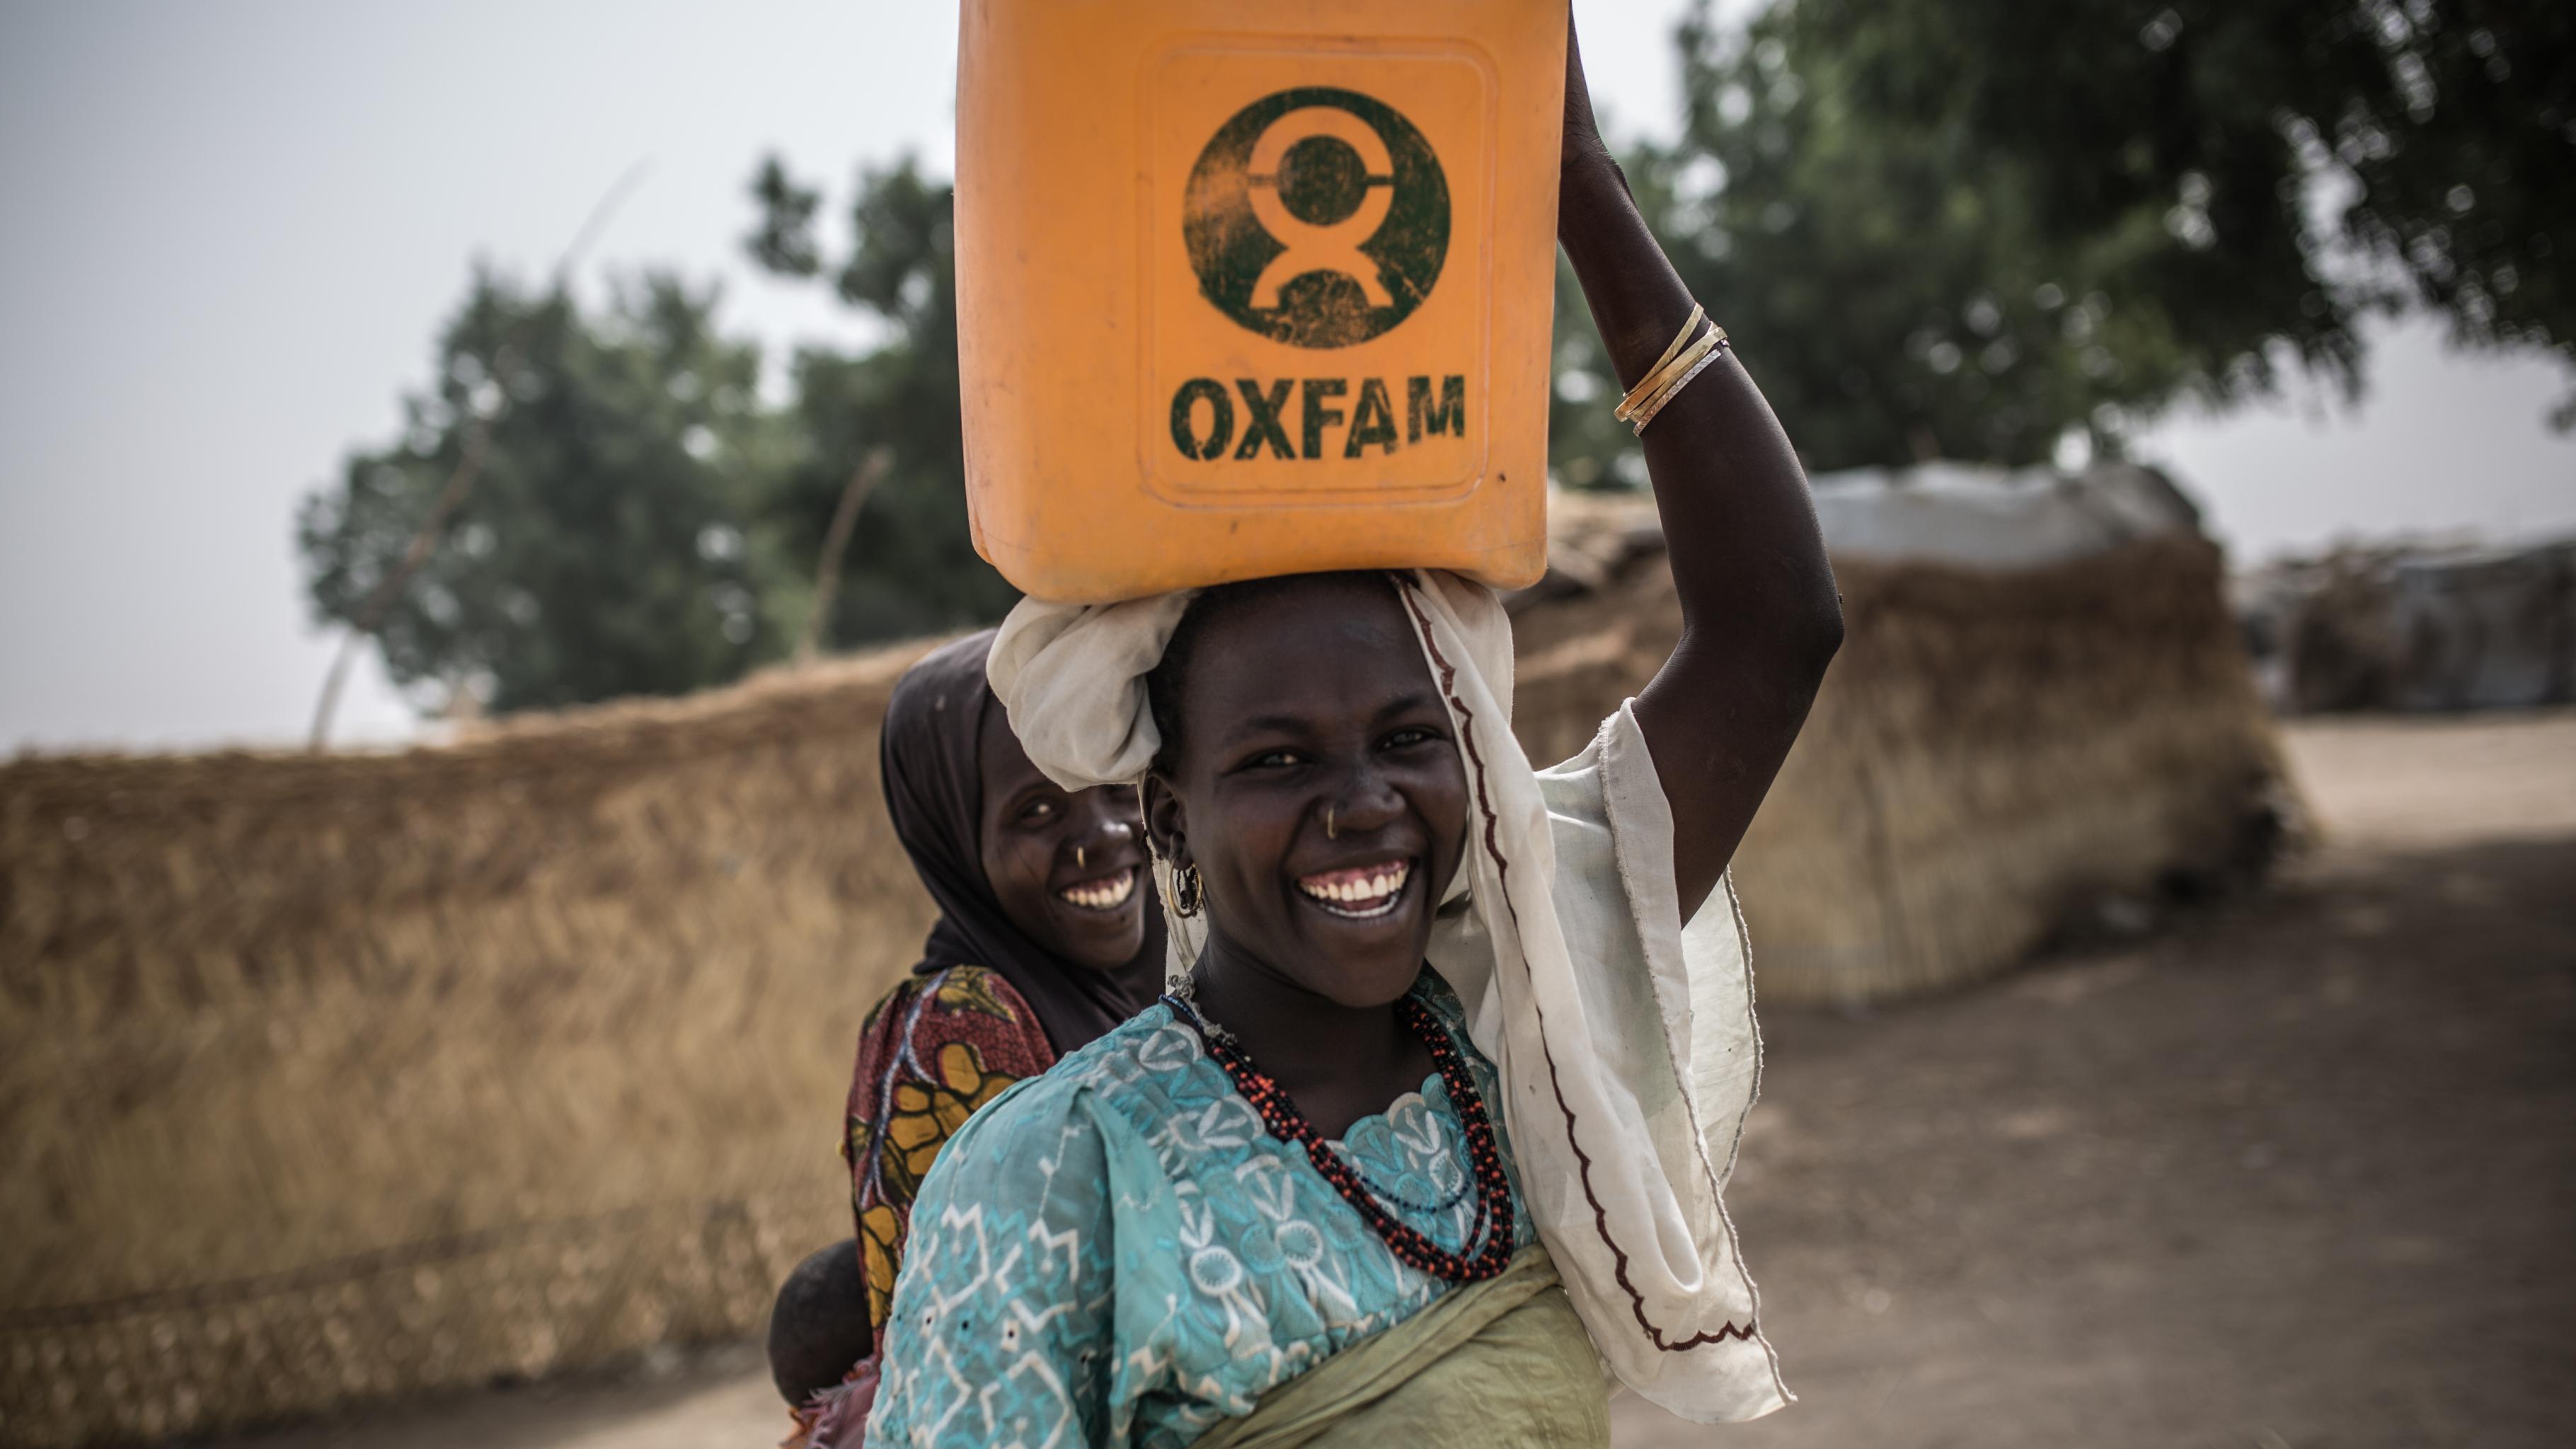 Zwei Frauen lachen; eine von ihnen transportiert einen Oxfam-Wasserkanister auf dem Kopf.